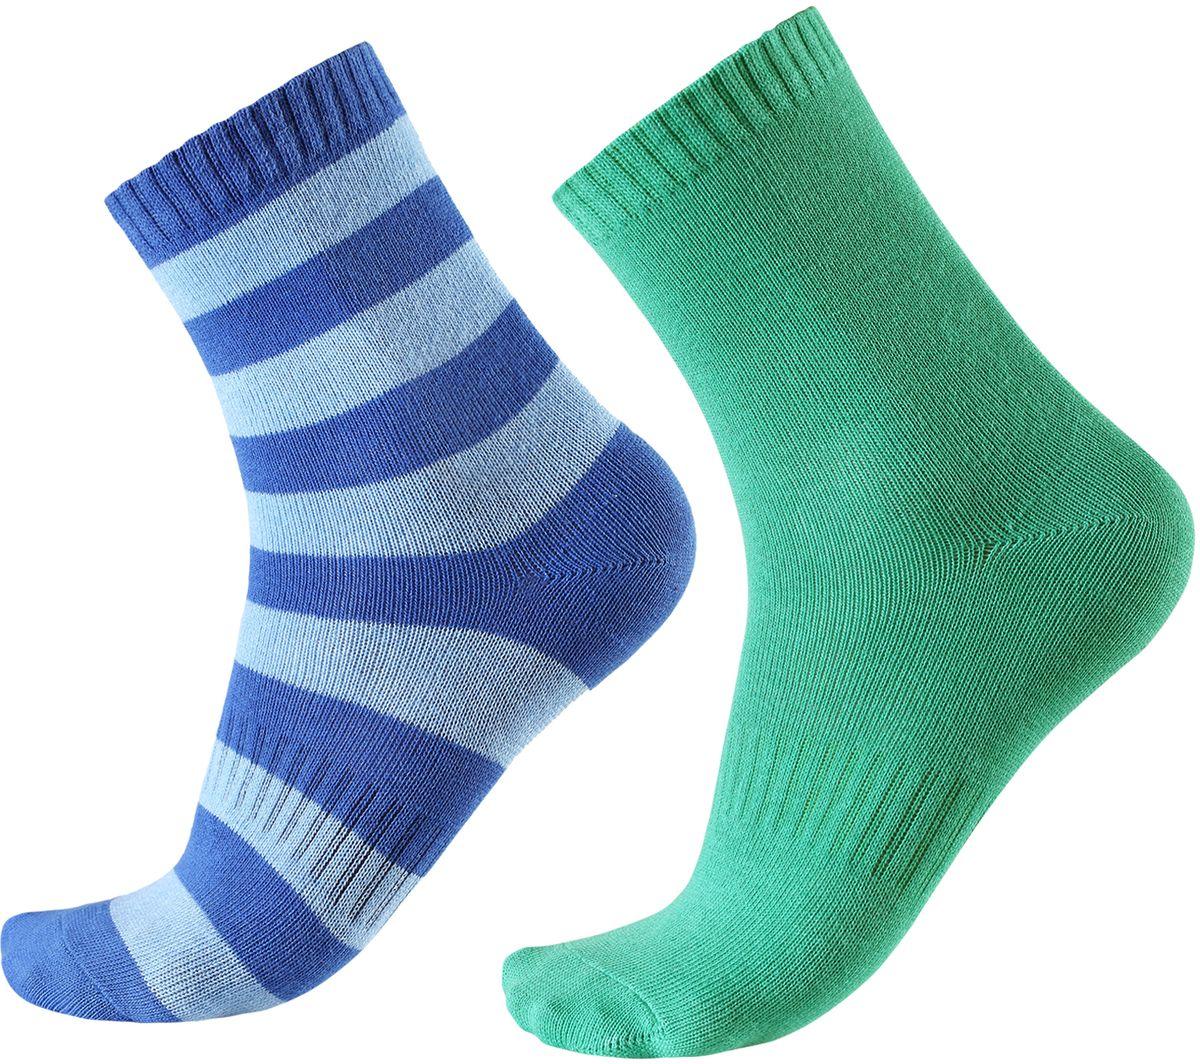 Носки527267-4620В носках из смеси Coolmax детским ножкам будет тепло и уютно. Смесь Coolmax с хлопком превосходно подходит для занятий спортом и подвижных игр на свежем воздухе, поскольку эффективно выводит влагу с кожи и не вызывает потливости. Этот материал дышит и быстро сохнет. Легкая летняя модель без ворсового усиления.